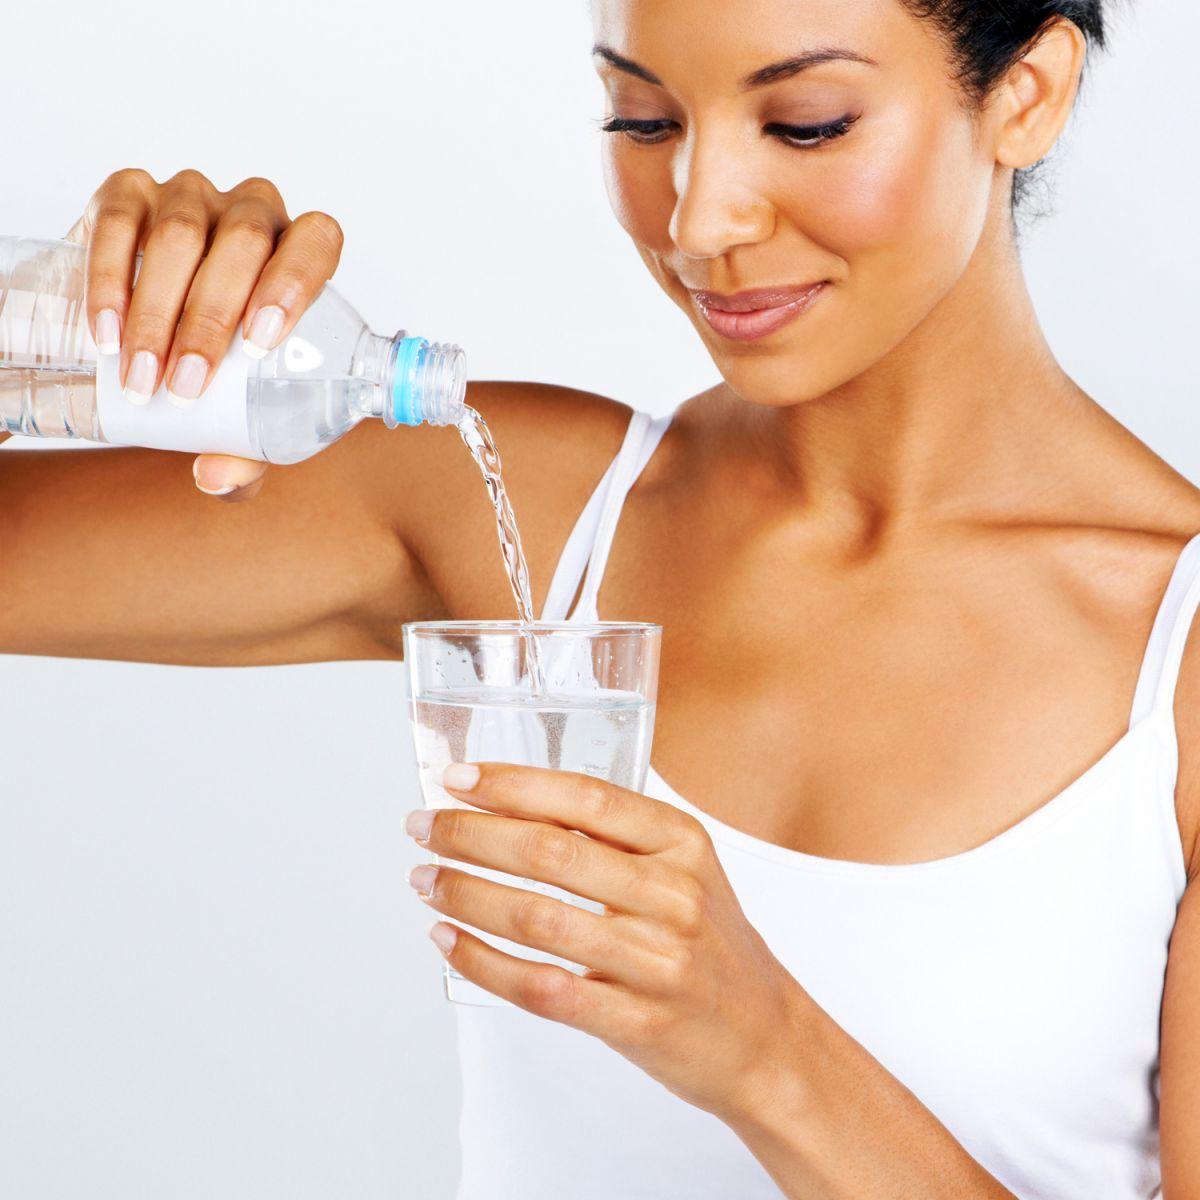 8 лучших напитков для похудения - что пить, чтобы похудеть